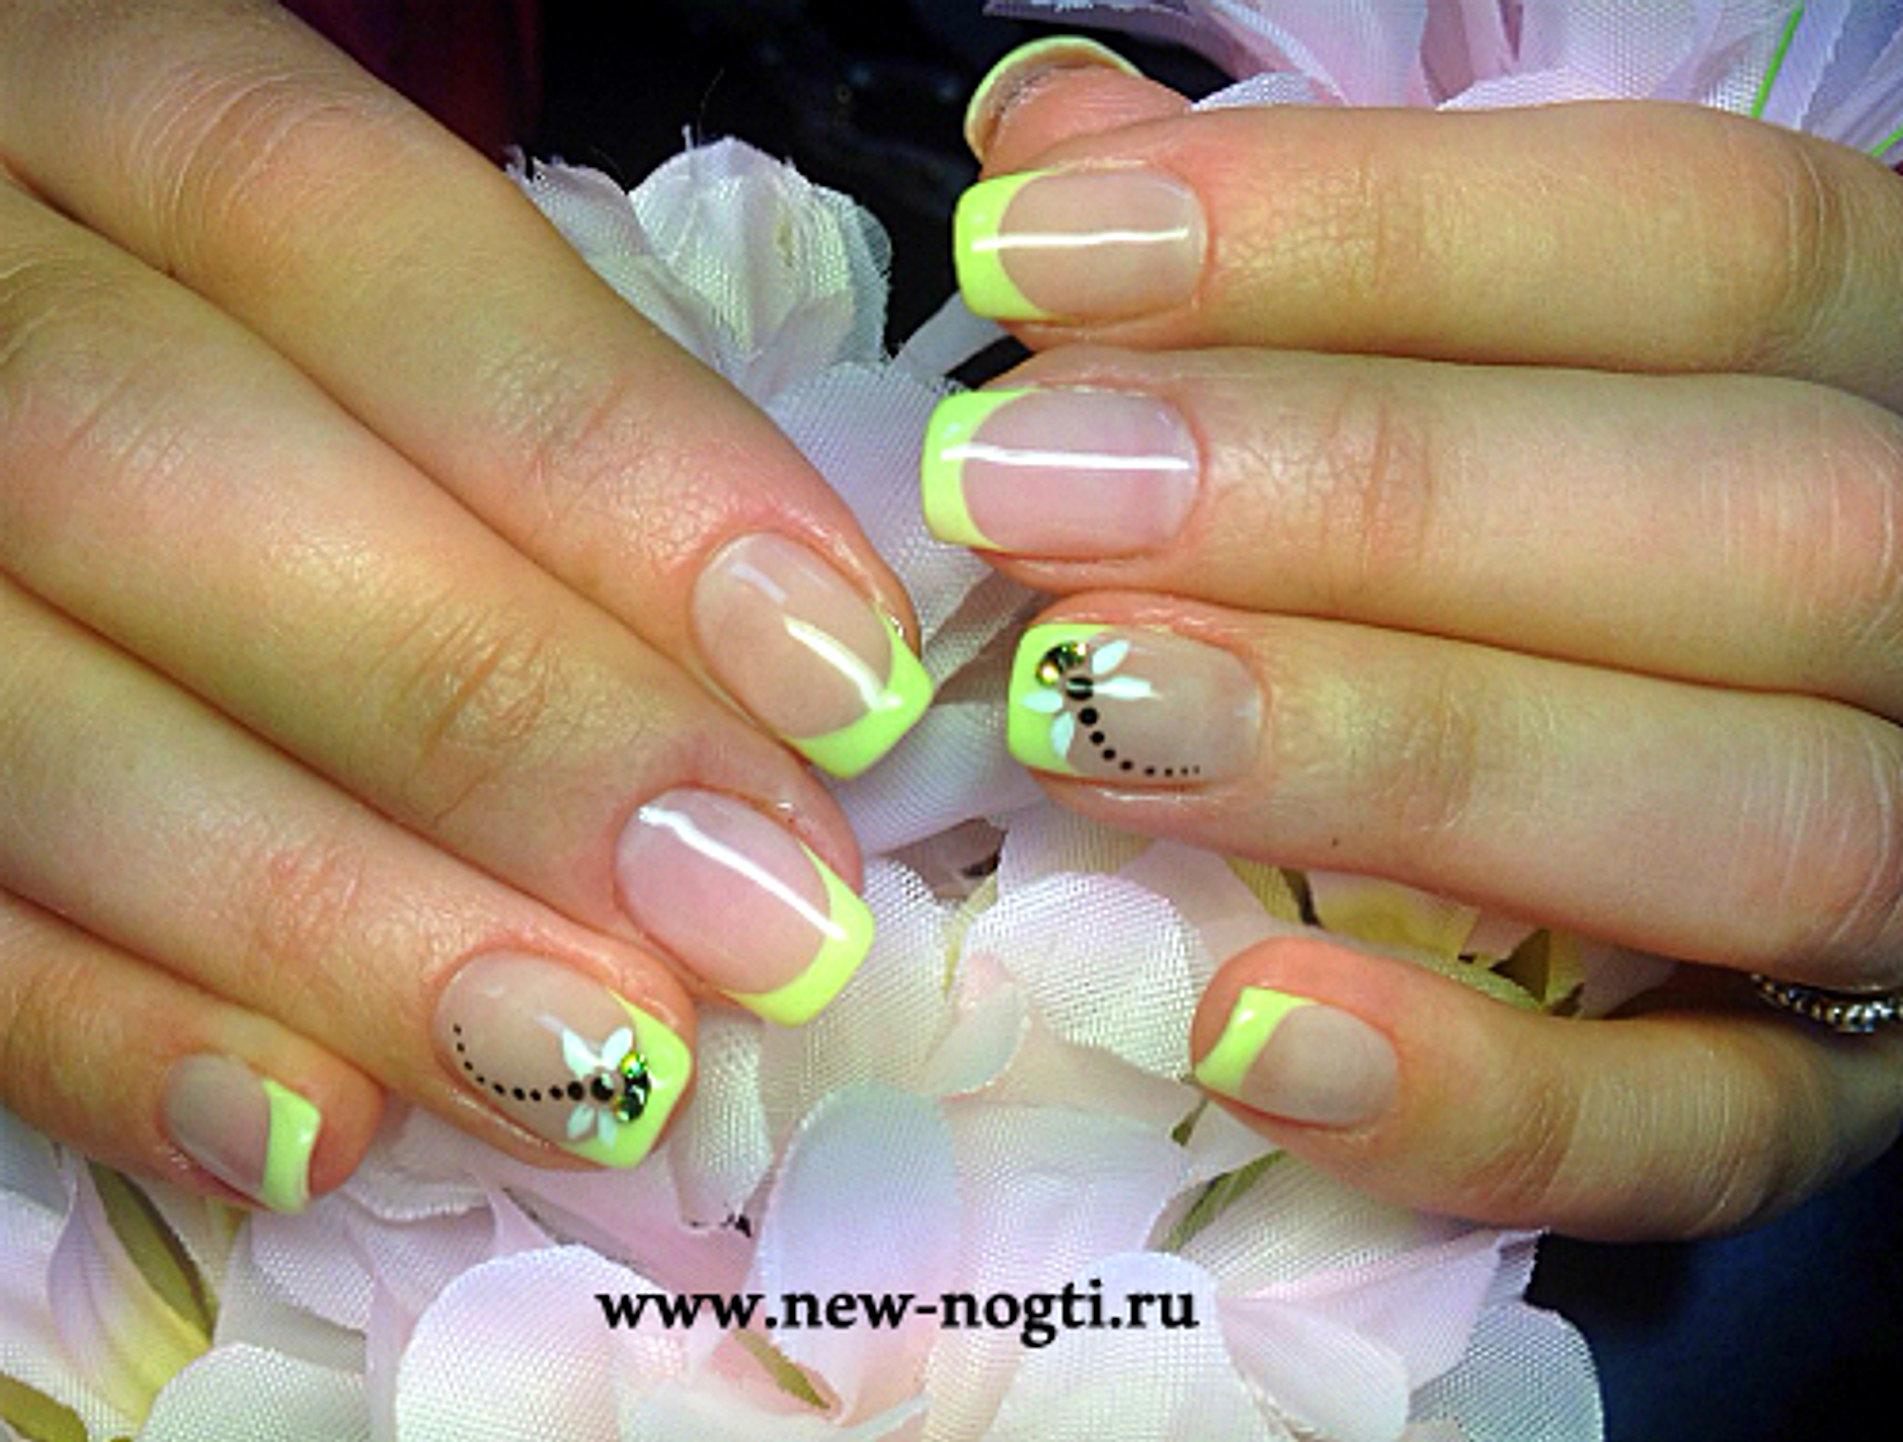 Нью ногти